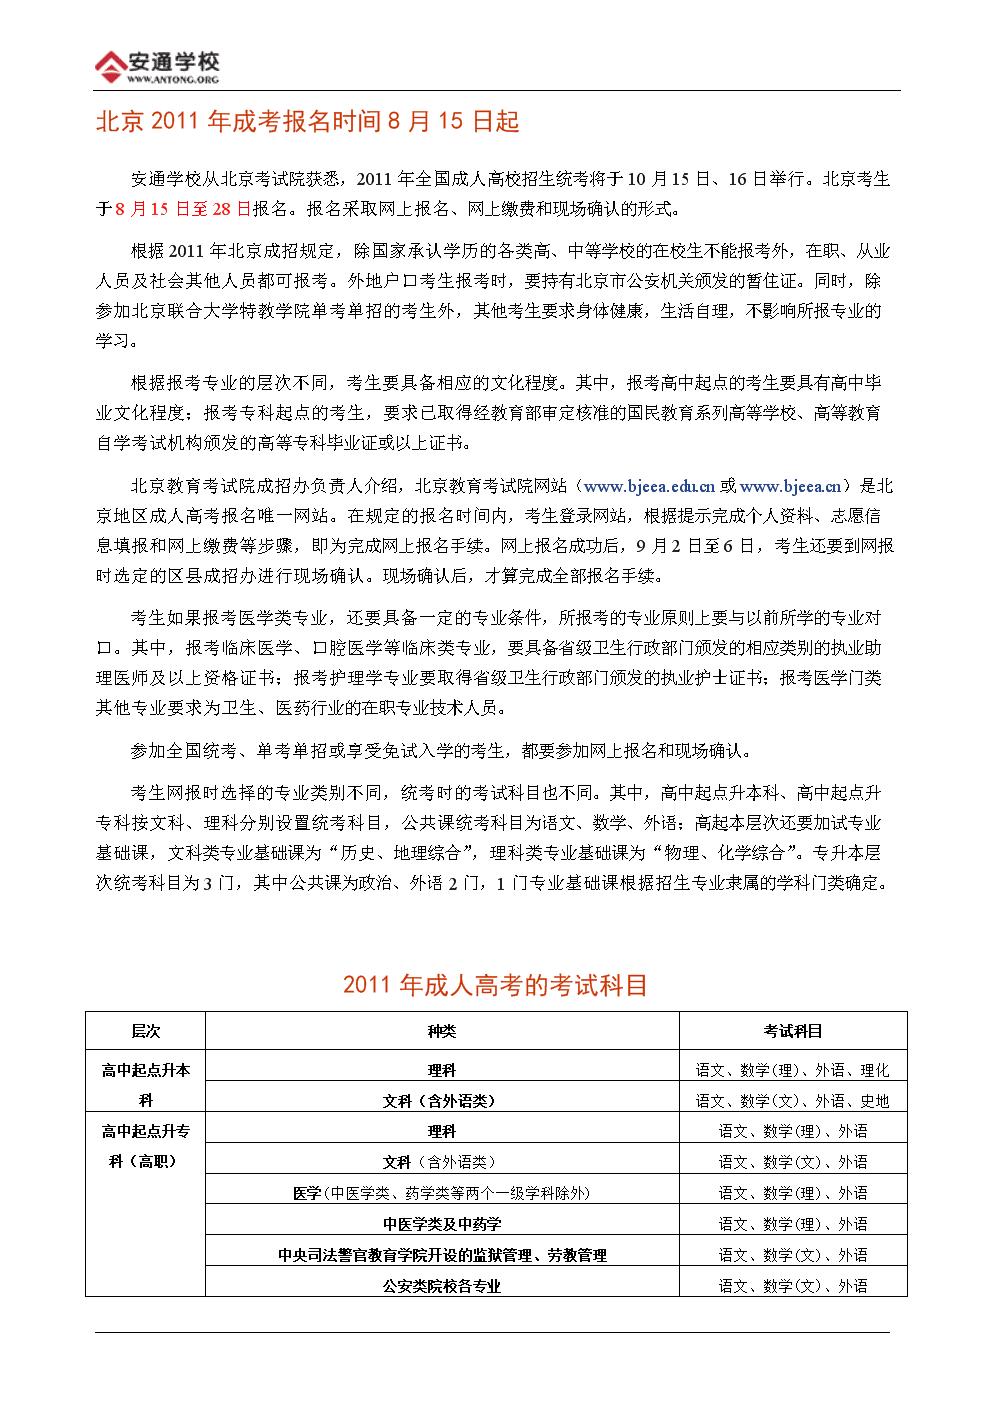 北京XXXX档案年成考报名时间8月15日起资料.doc